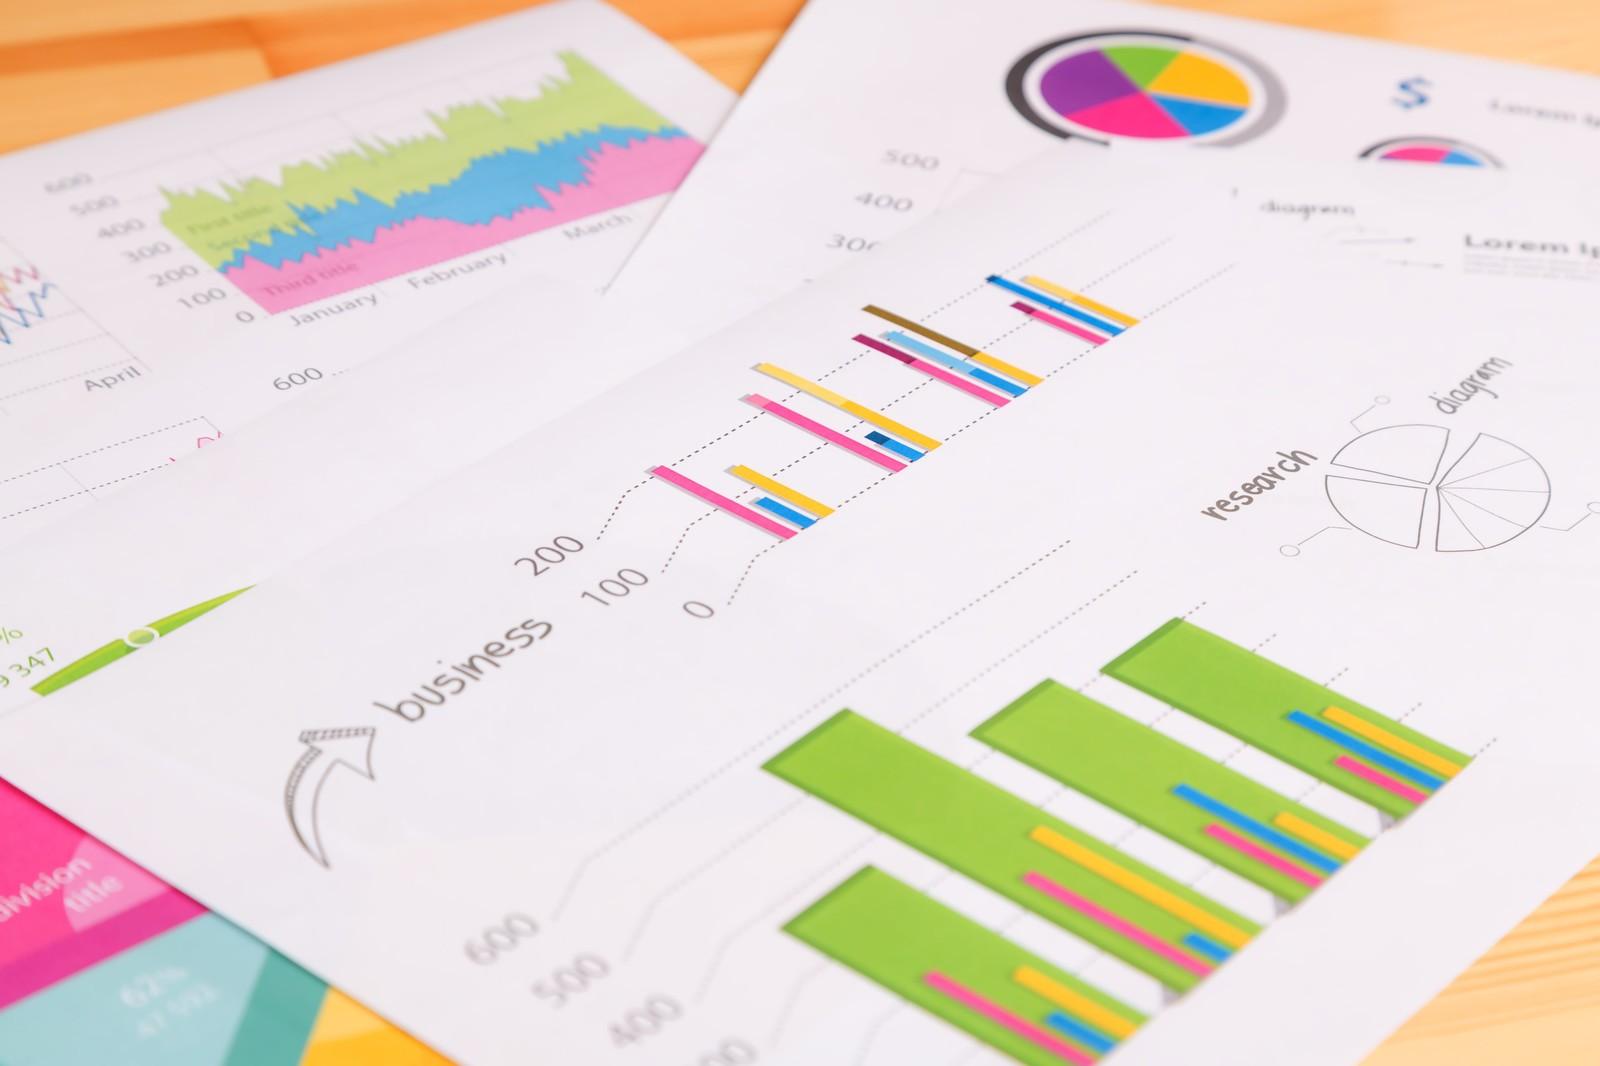 データ統計分析で困っている方にオススメ!現場活用を基本としたノウハウが満載。